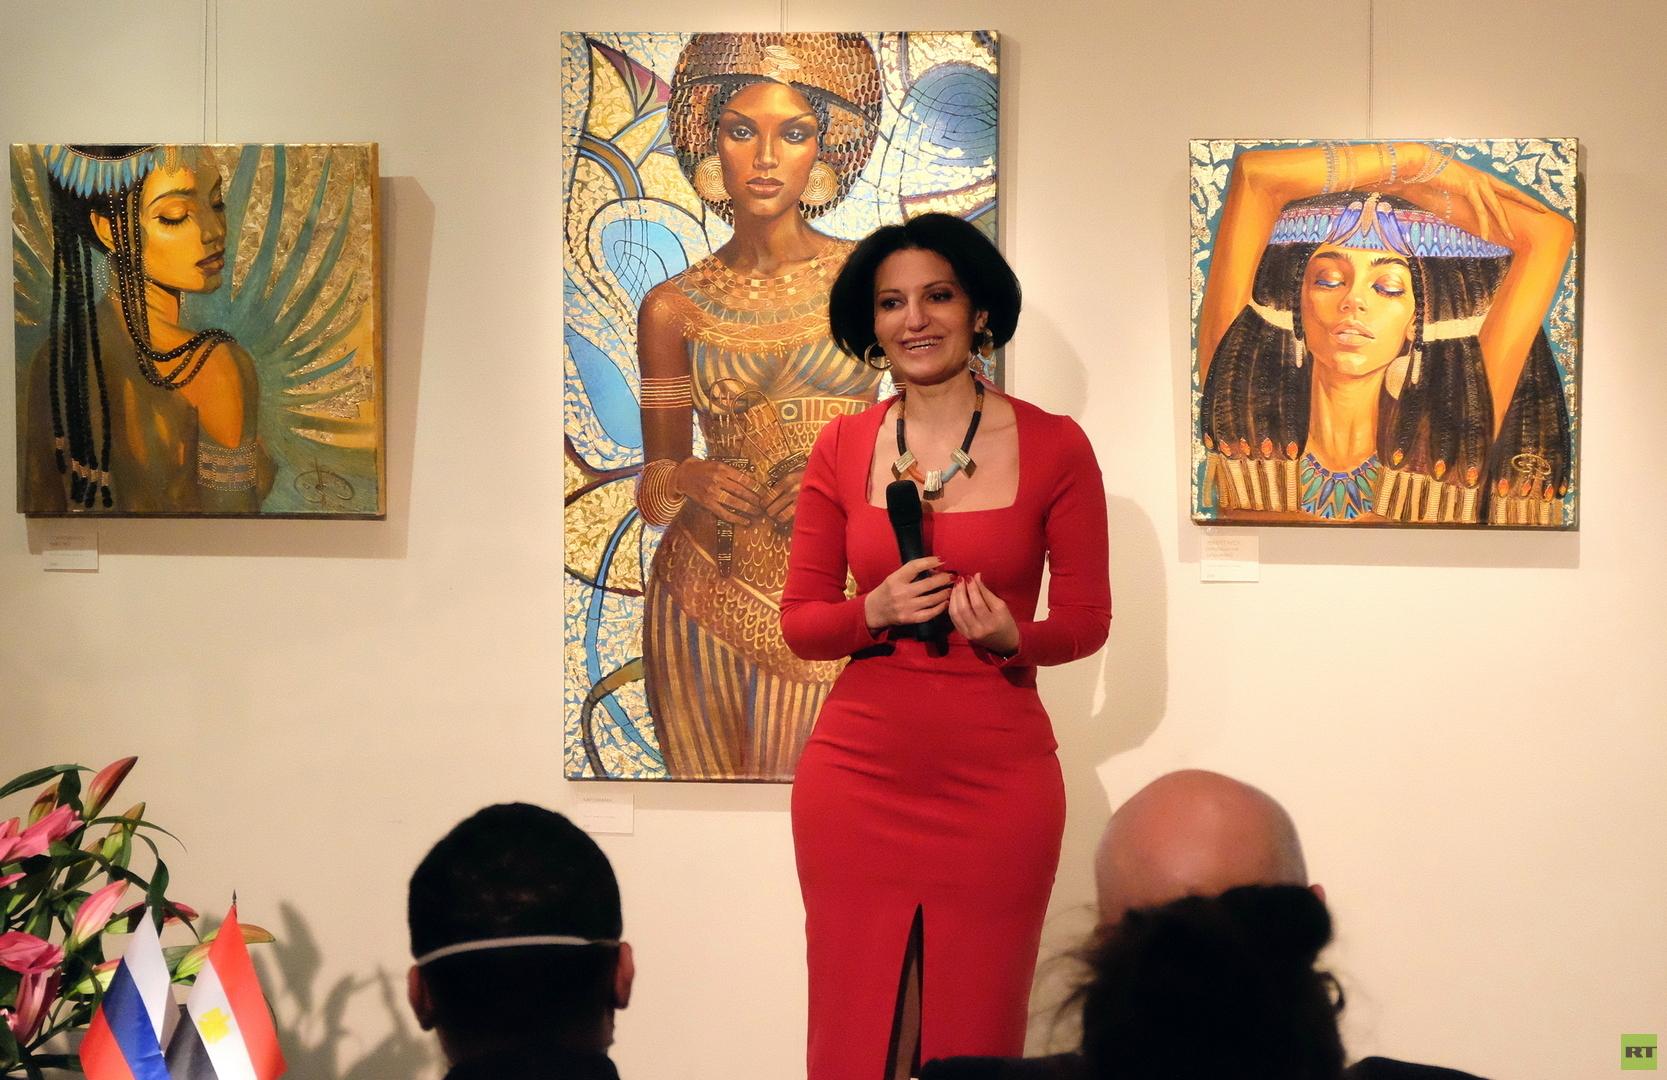 موسكو تشهد عرضا فنيا بارزا لجمال ملكات مصر (صور)